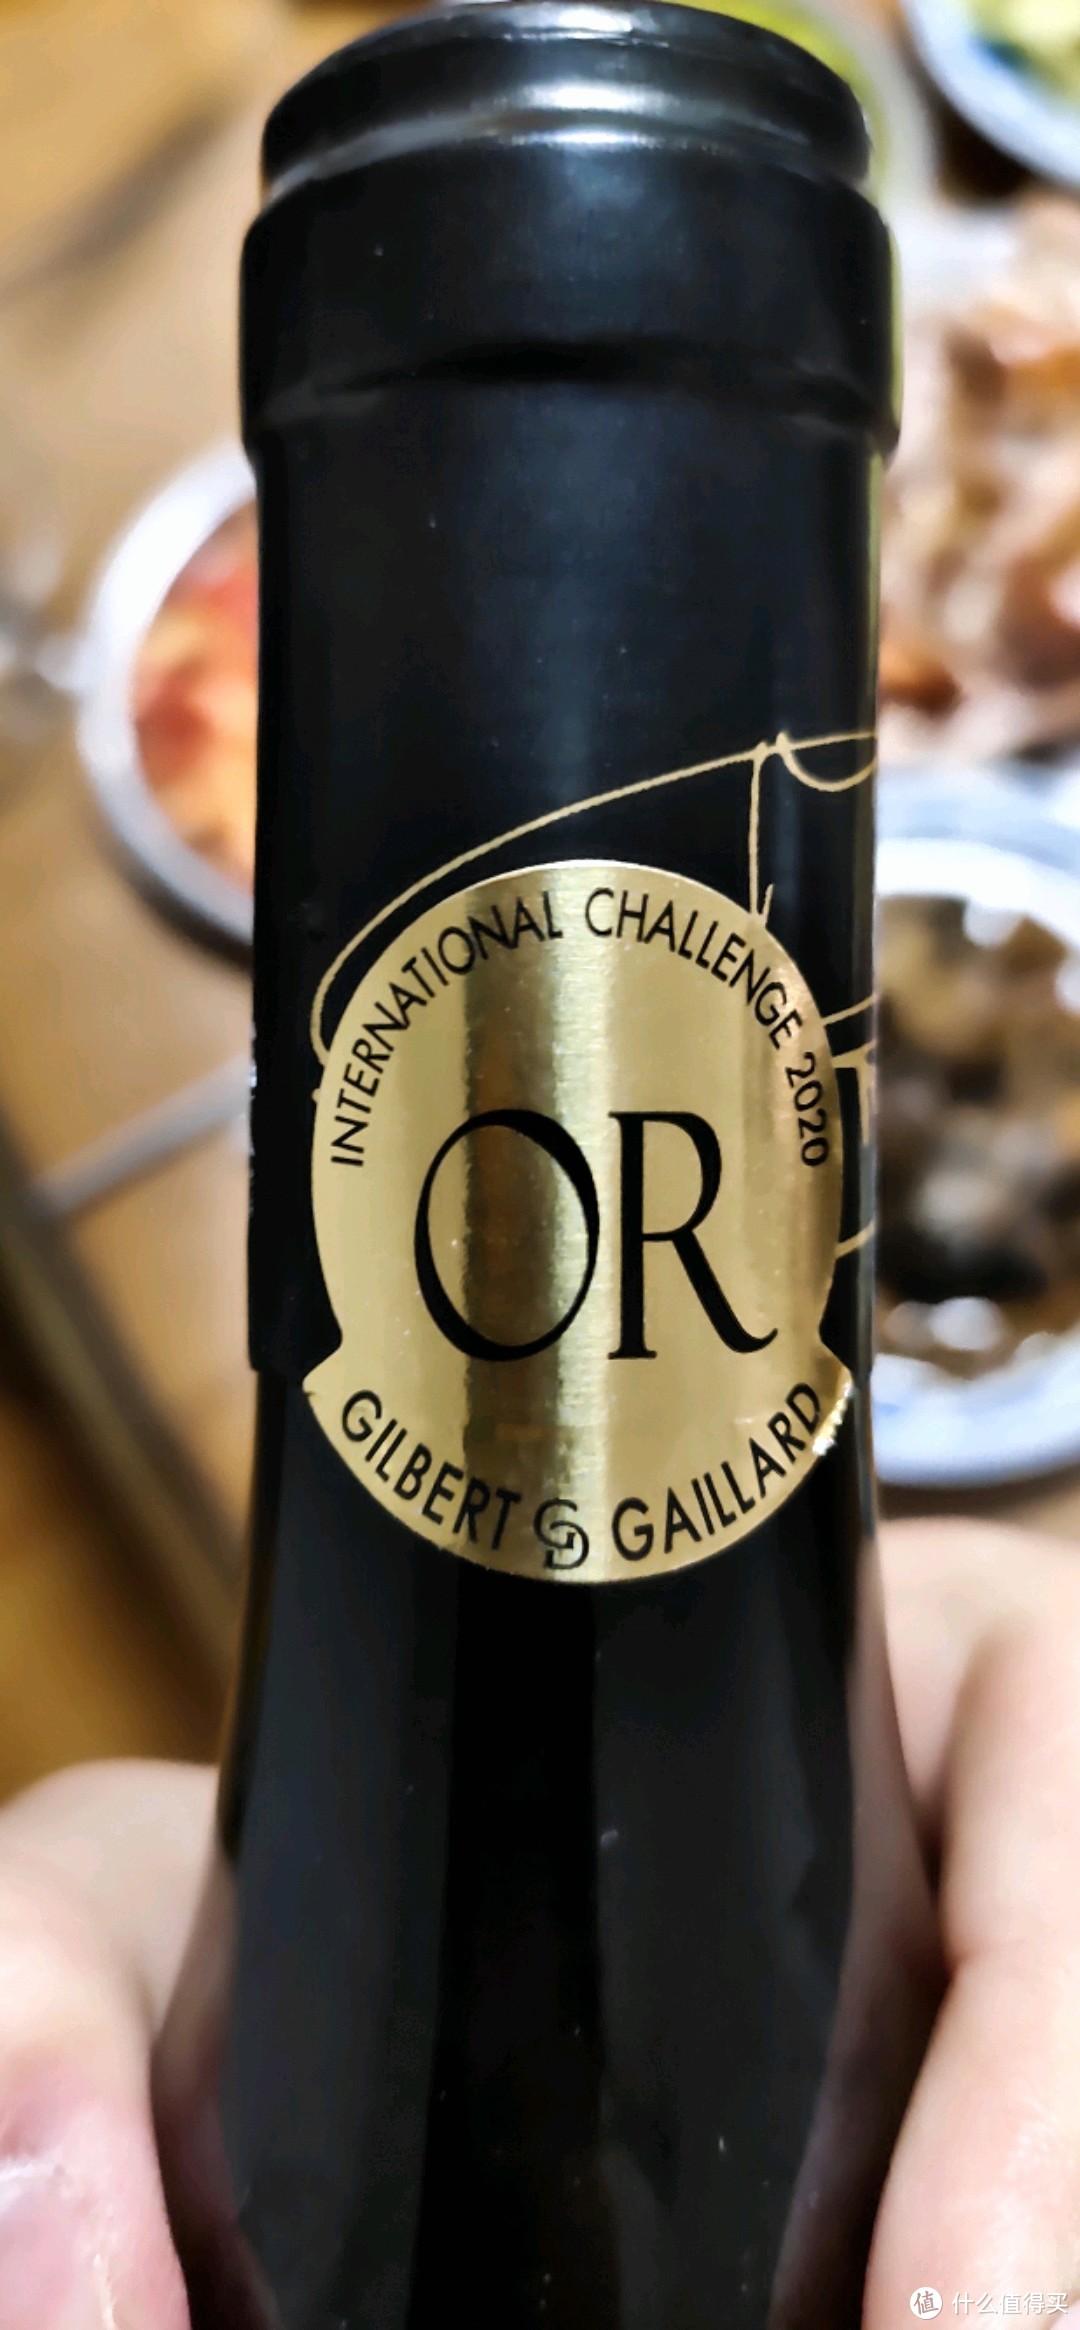 限定版入手是否阔以?云评退散,直接开瓶试饮南法朗格多克法定产区红葡萄酒